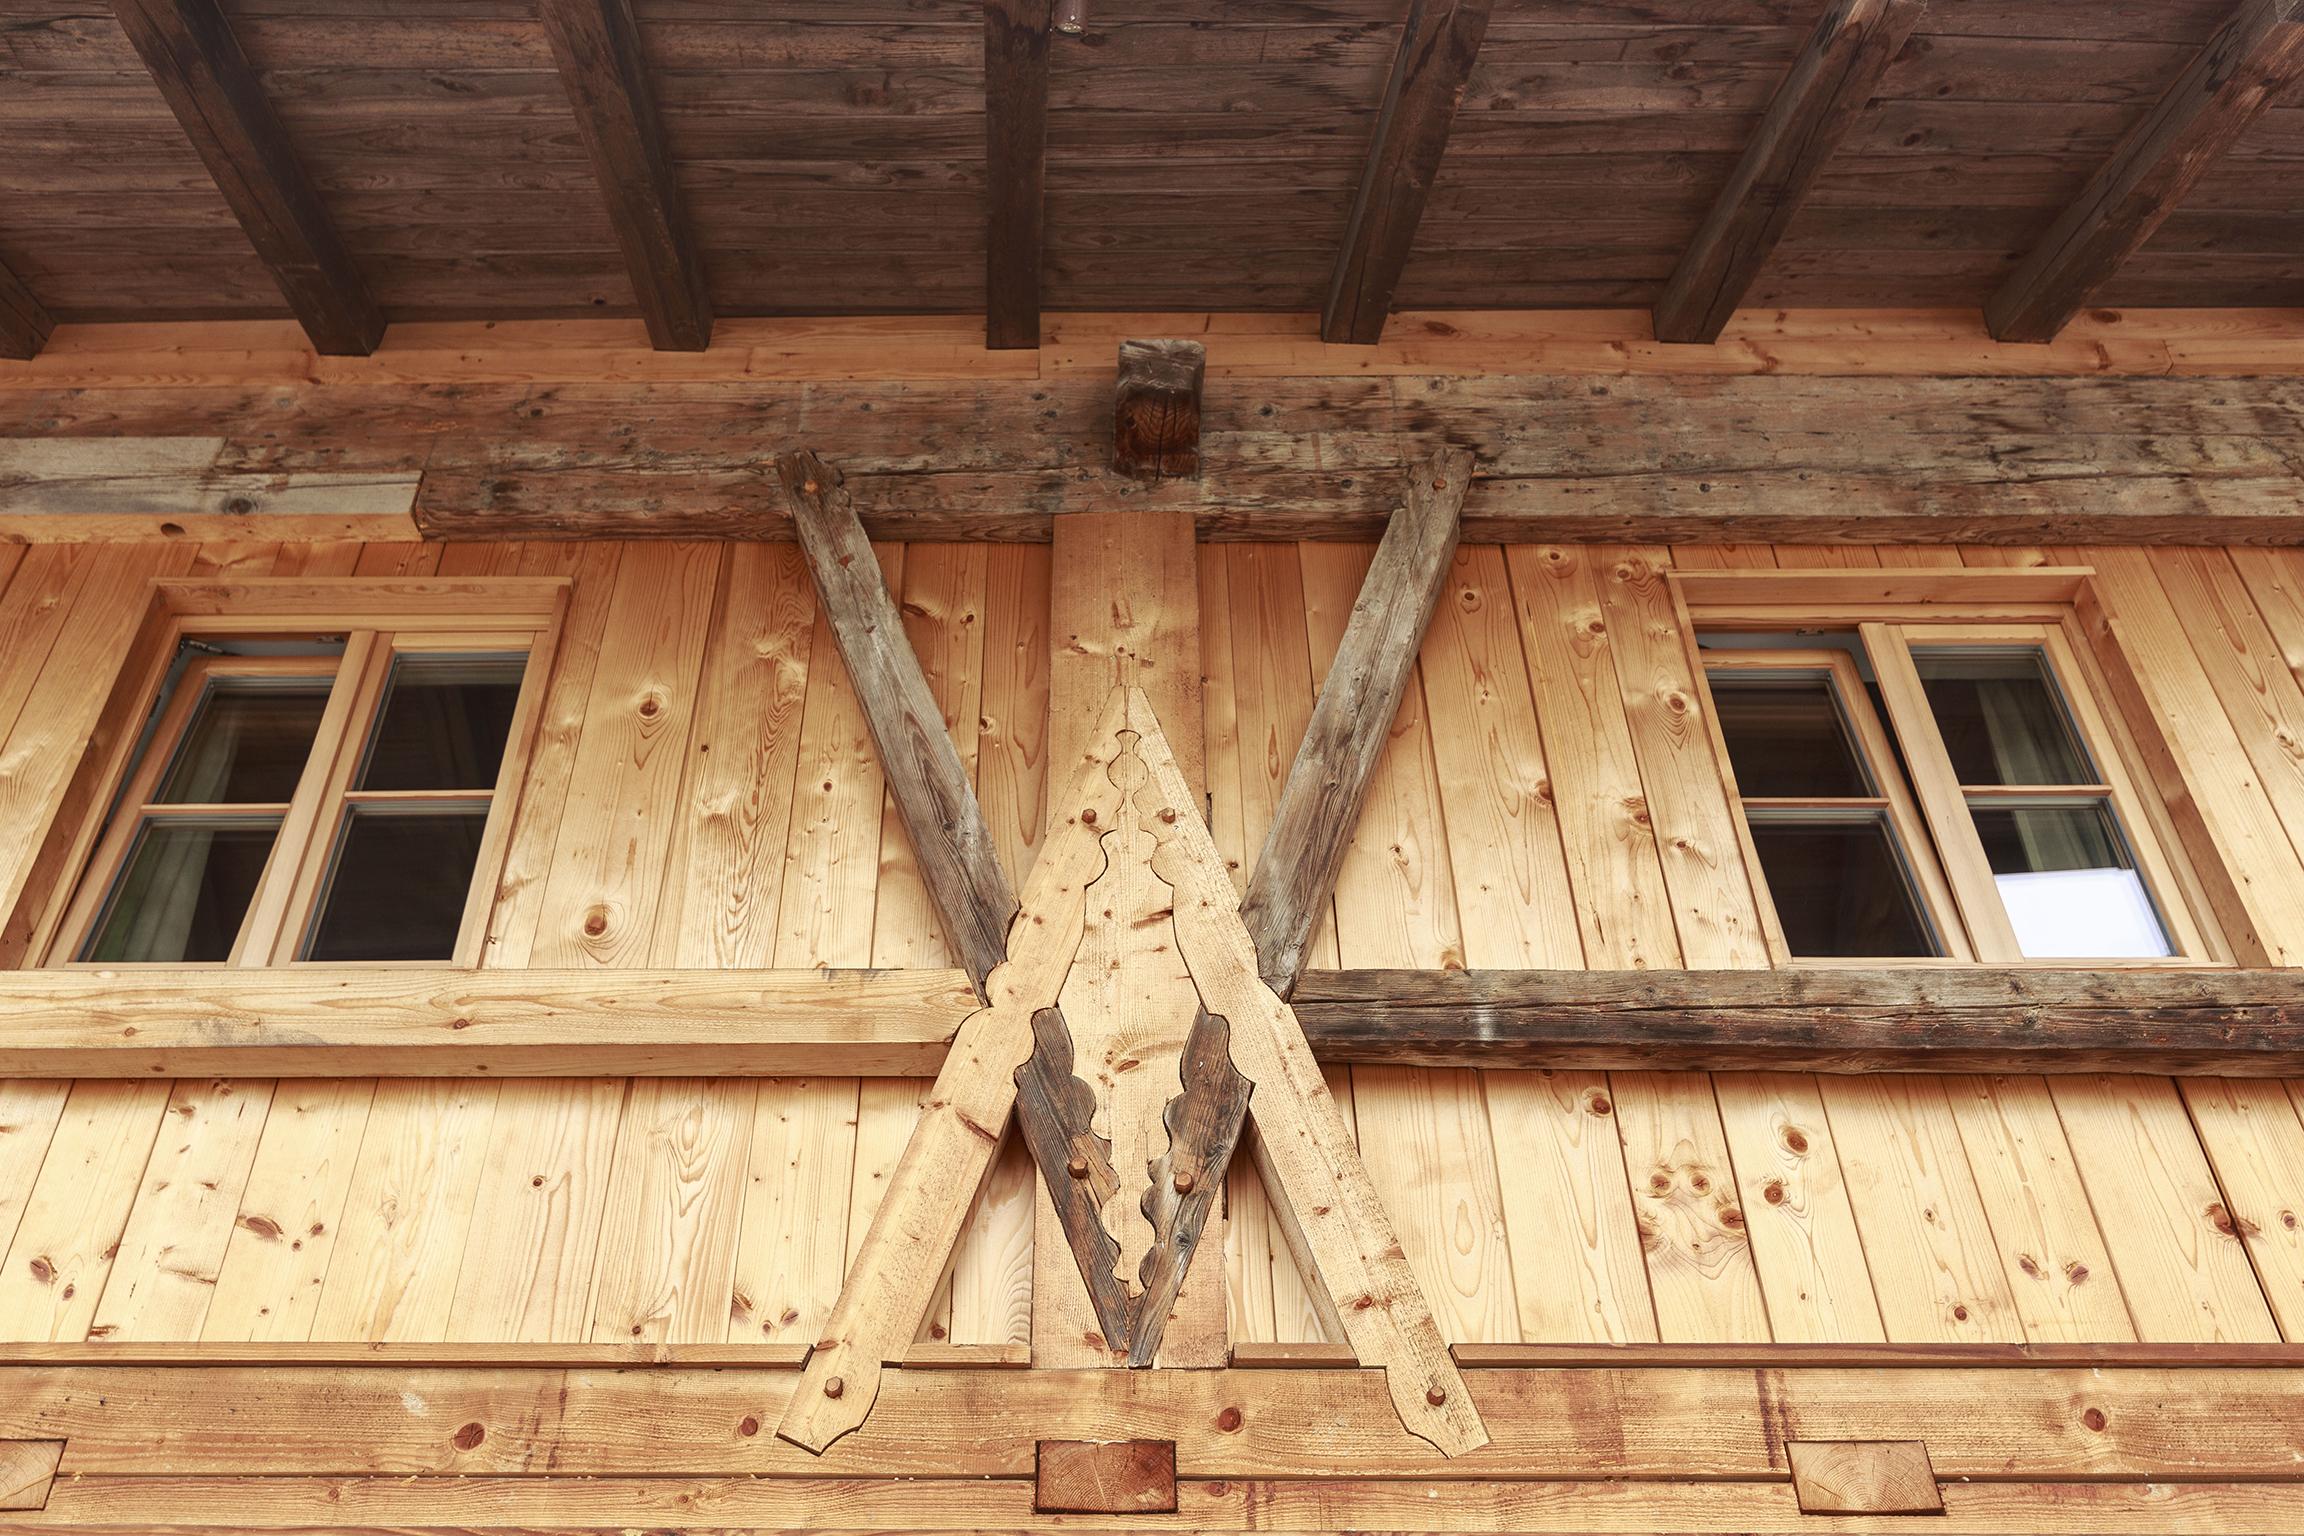 Holz ist mehr als nur ein Baustoff - Holz ist ein nachwachsender, klimafreundlicher und lebendiger Baustoff